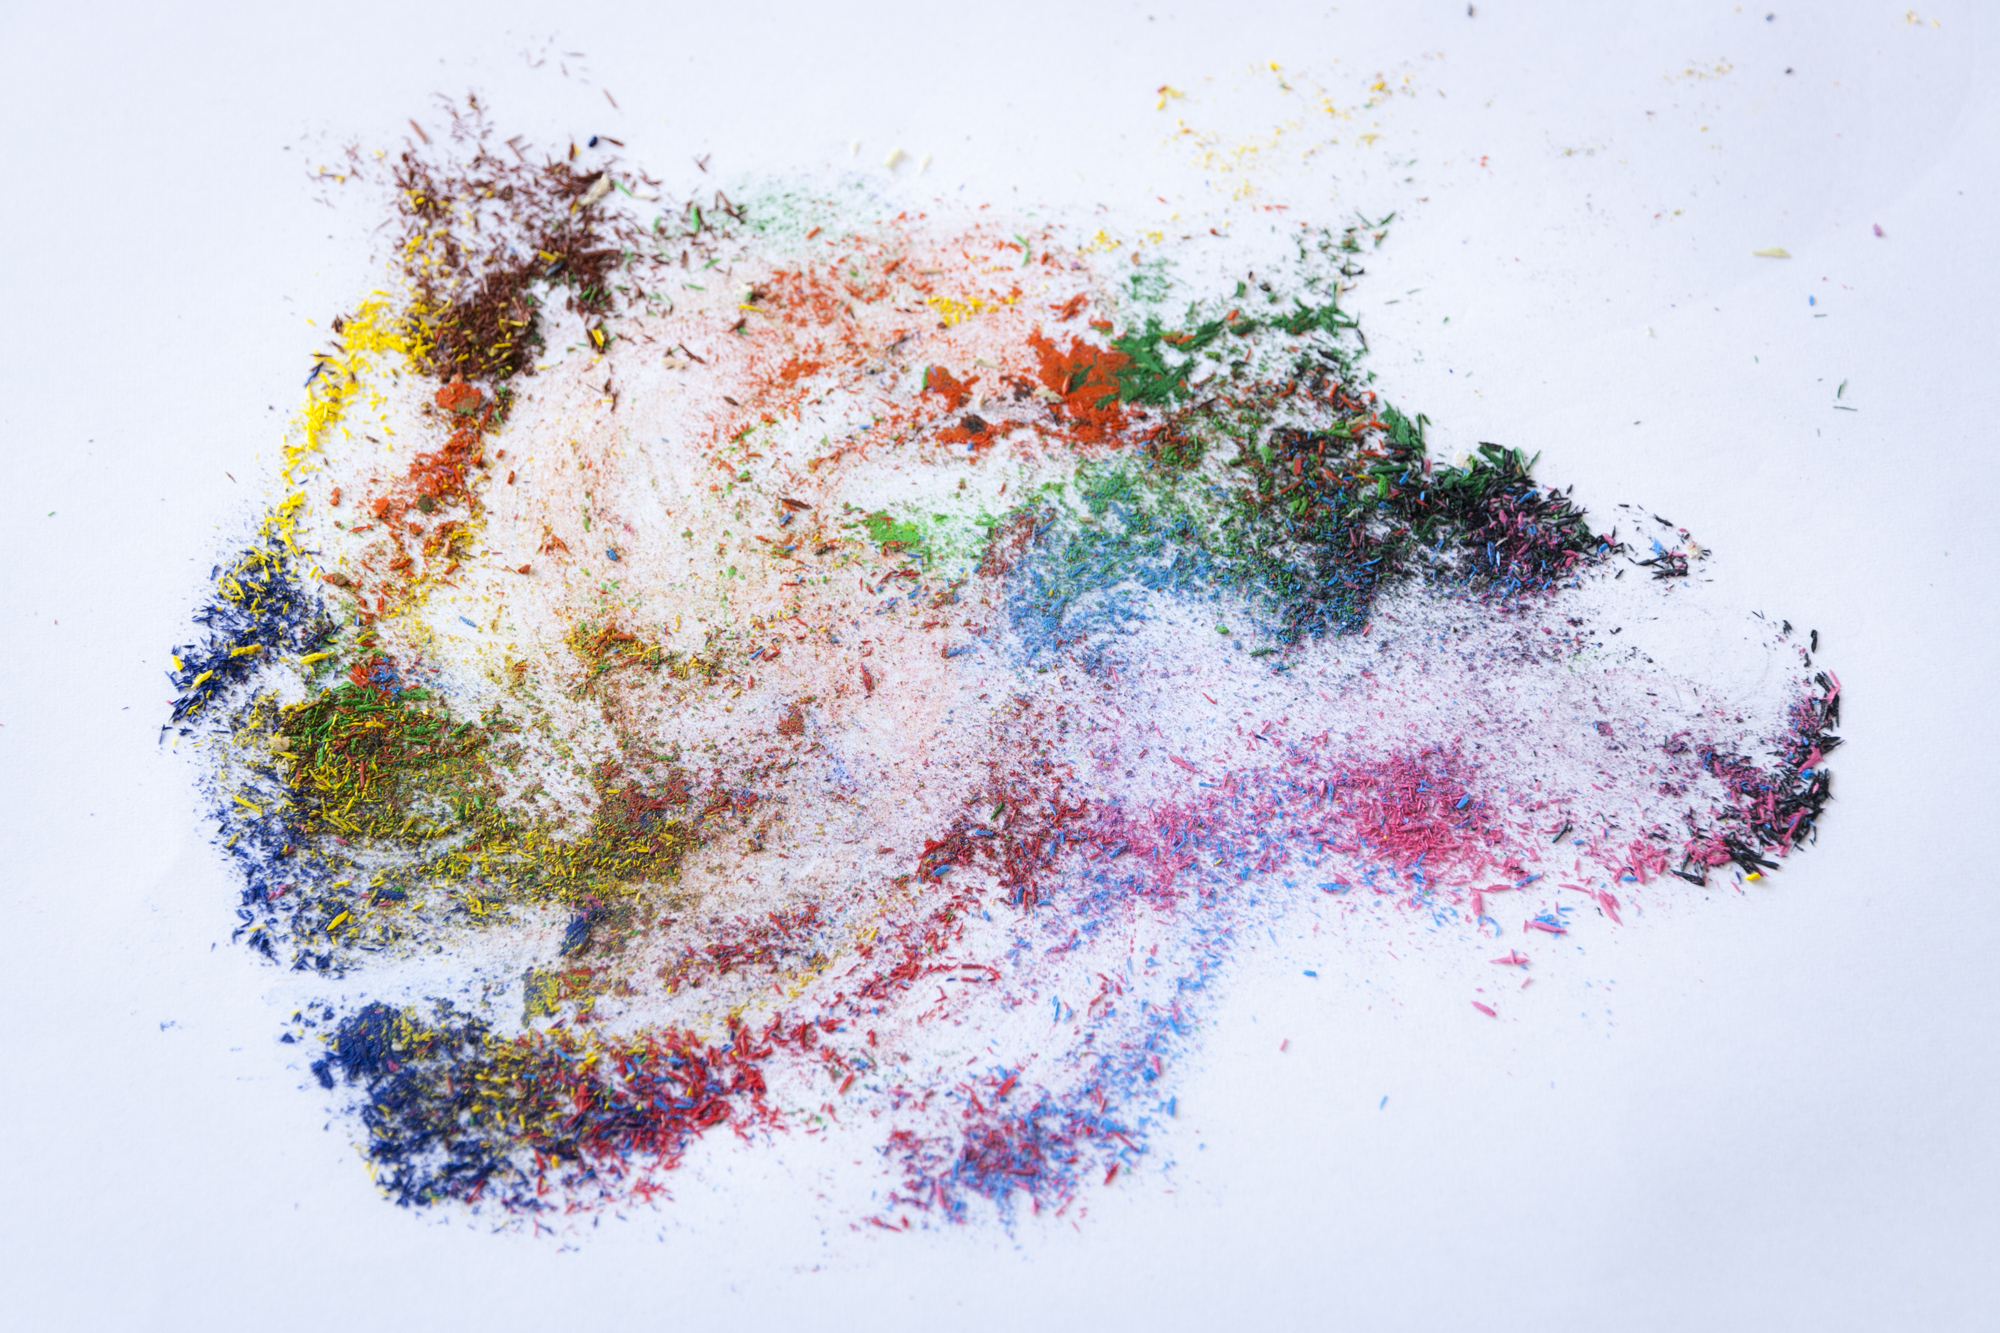 Ingrid - opdracht kleurrijk - foto 2 van drieluik